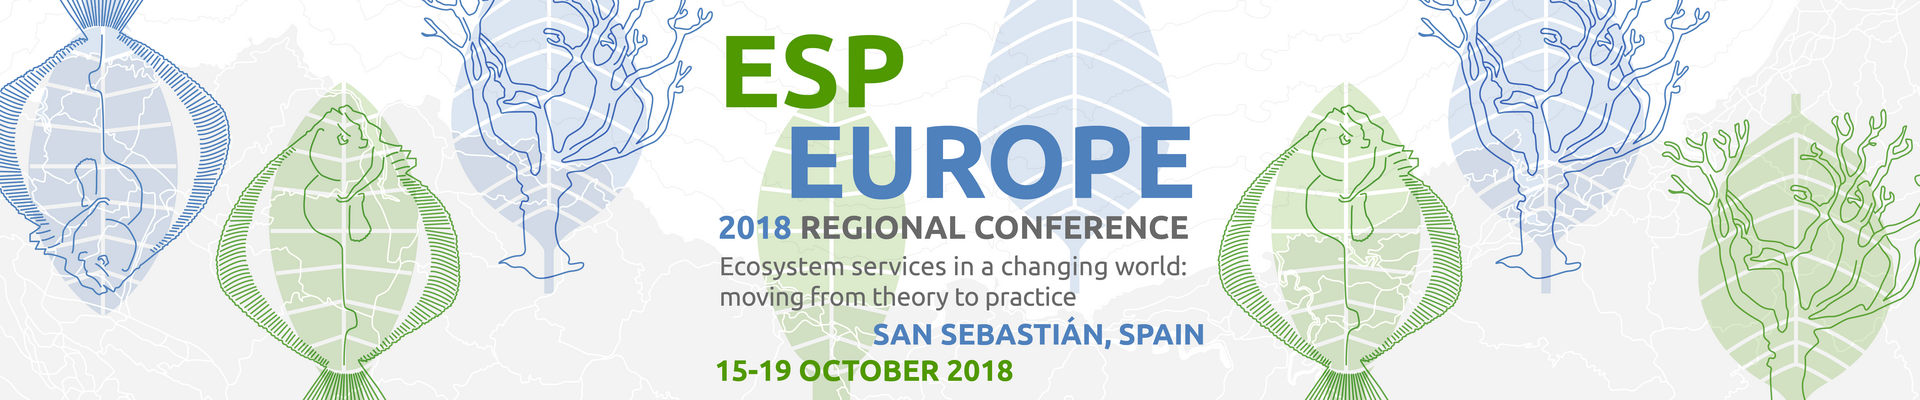 ESP EU 2018